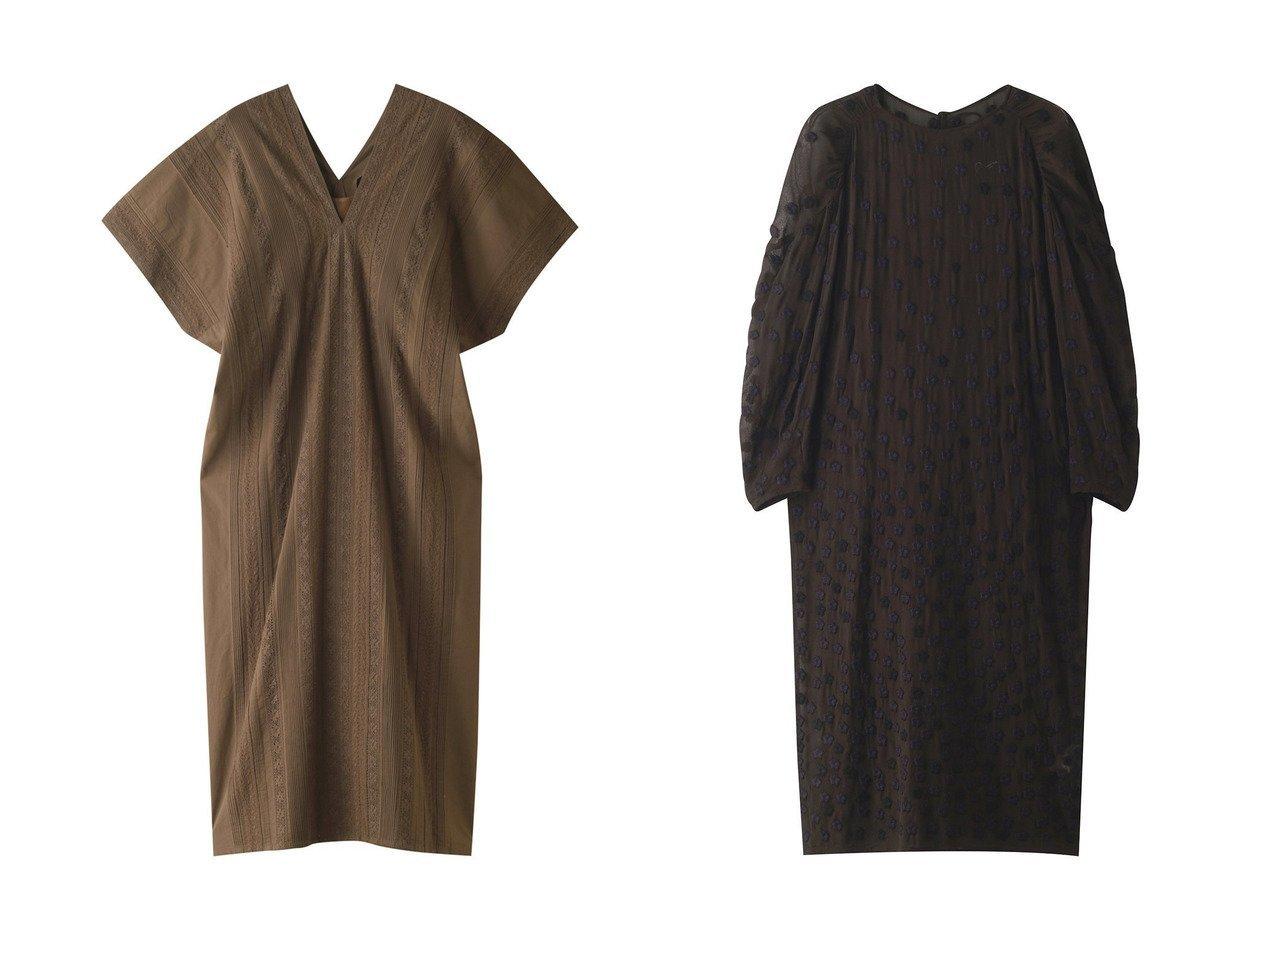 【Pheeta/フィータ】のKate コットンレースタックVネックドレス&Shelby フラワー刺繍ドレス 【ワンピース・ドレス】おすすめ!人気、トレンド・レディースファッションの通販 おすすめで人気の流行・トレンド、ファッションの通販商品 メンズファッション・キッズファッション・インテリア・家具・レディースファッション・服の通販 founy(ファニー) https://founy.com/ ファッション Fashion レディースファッション WOMEN ワンピース Dress ドレス Party Dresses S/S・春夏 SS・Spring/Summer インド ドレス フォルム レース ロング 春 Spring グラデーション ジョーゼット ドレープ フラワー  ID:crp329100000035547